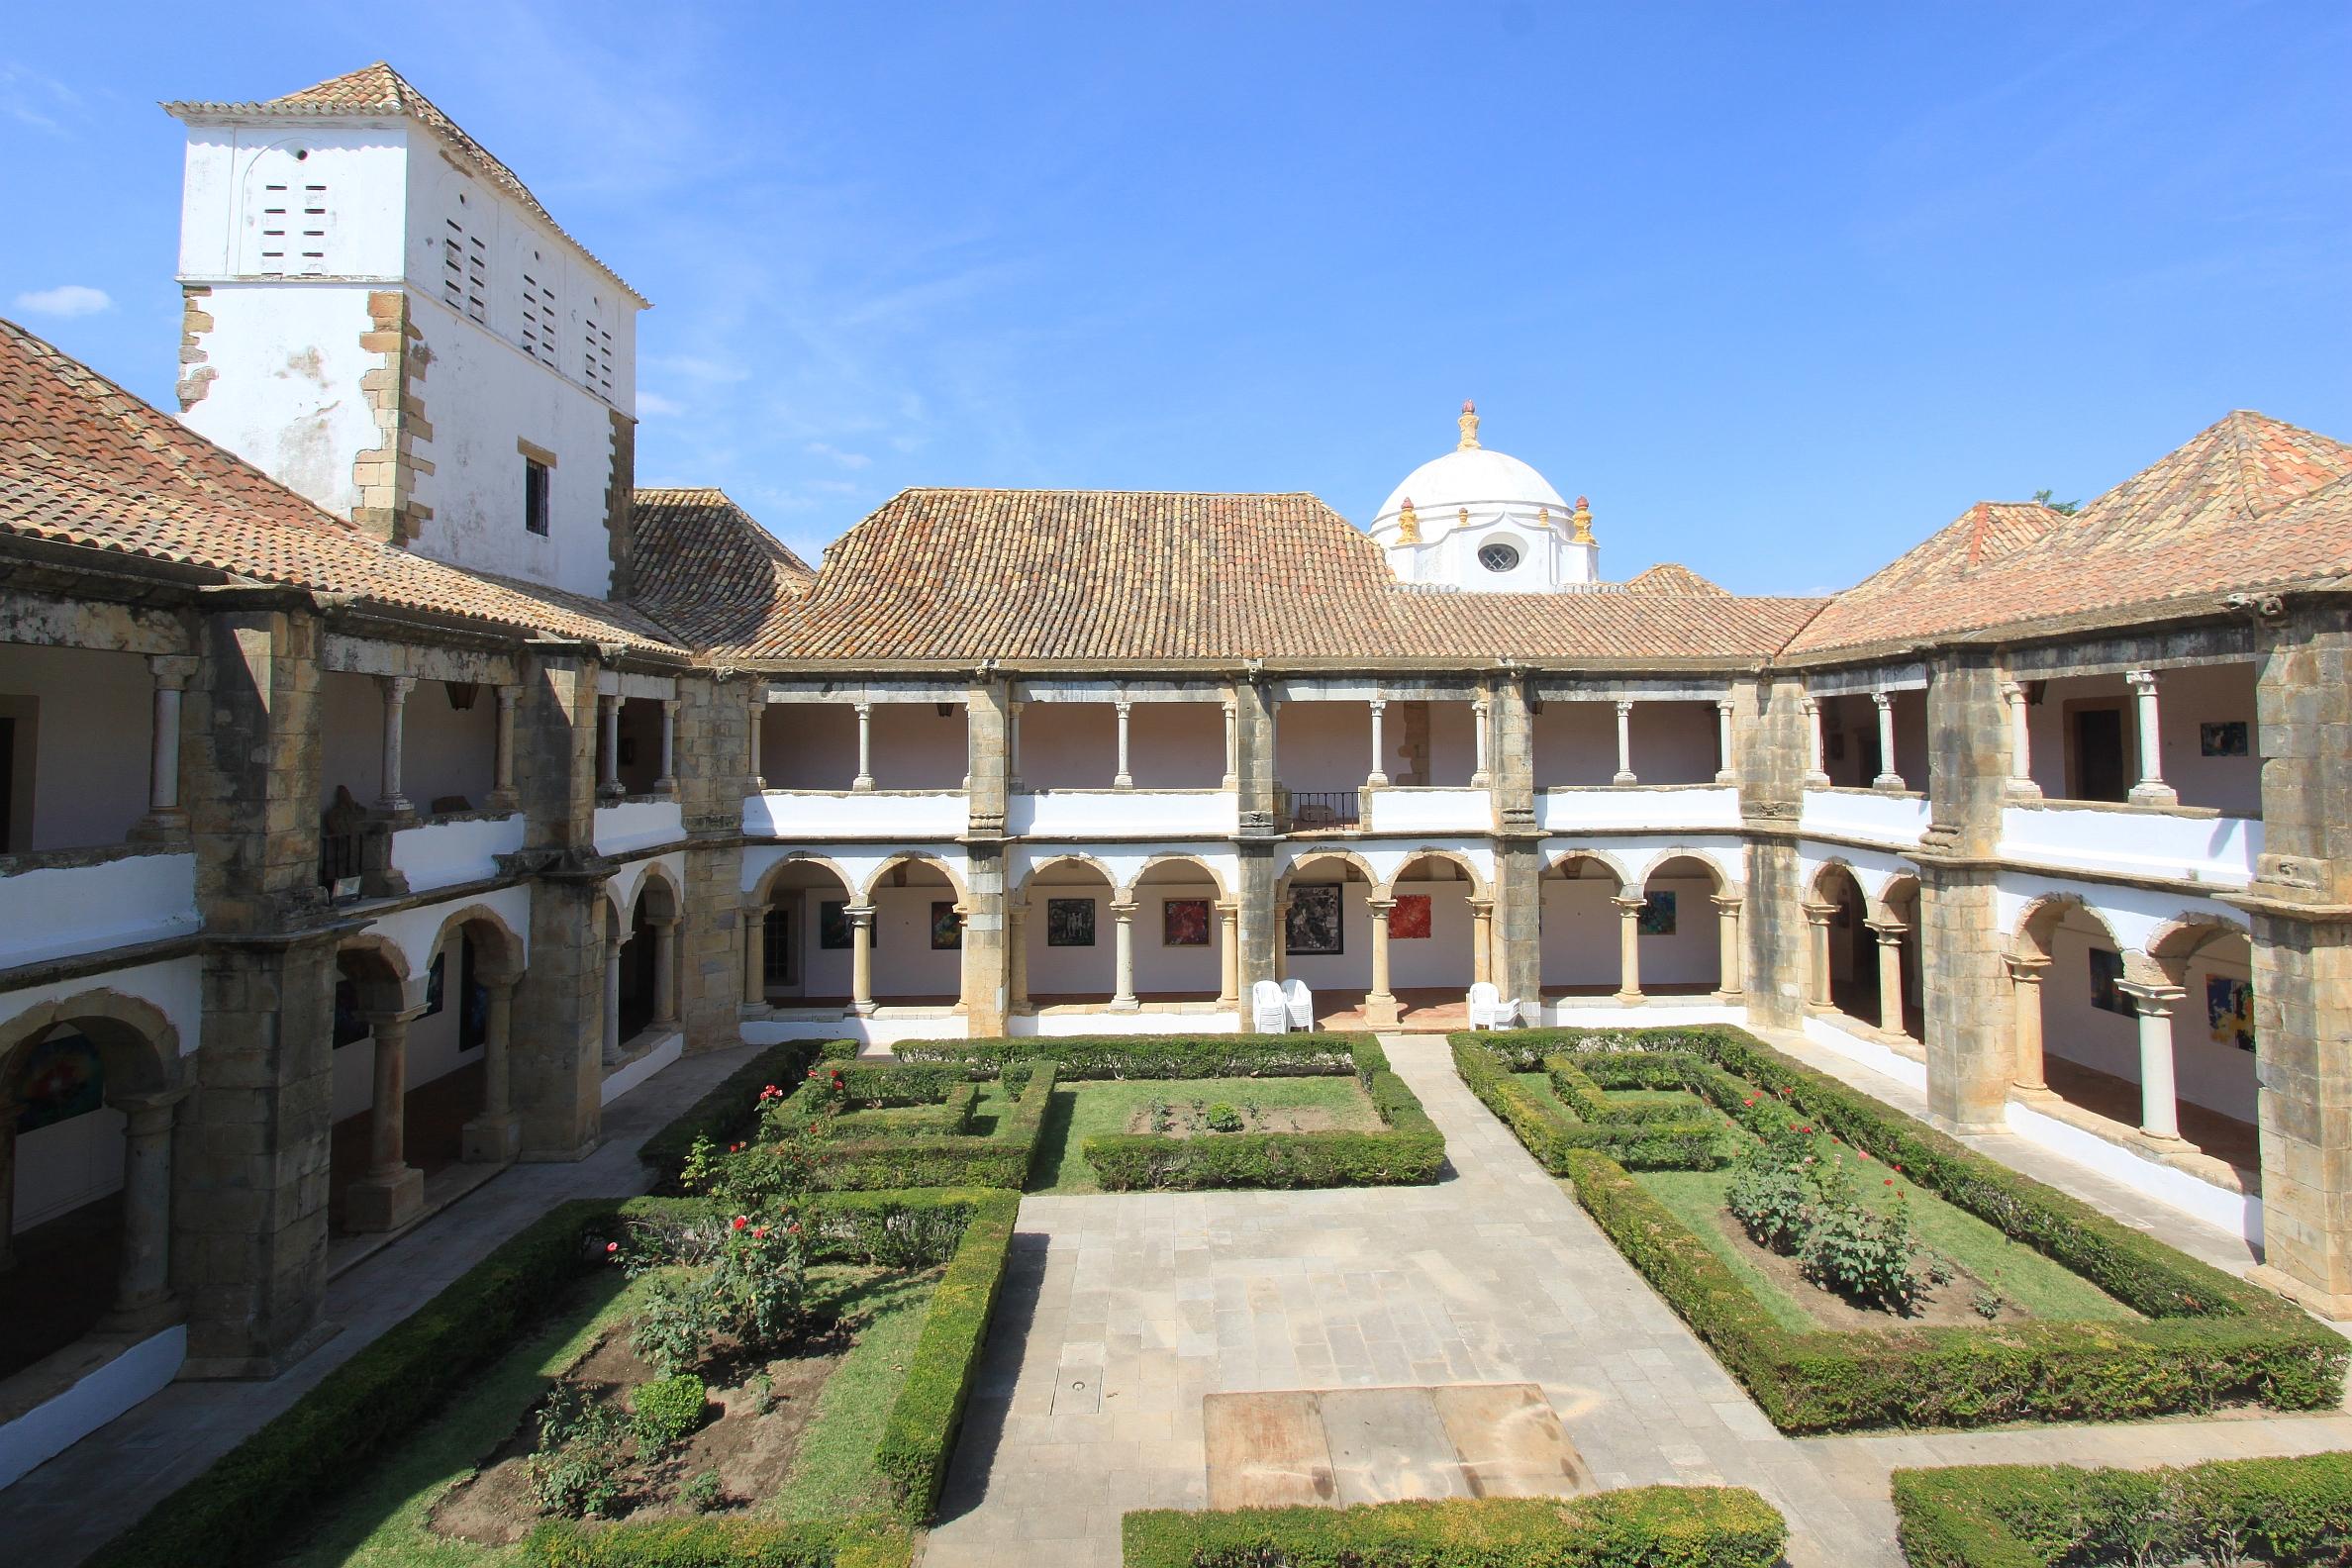 Convento da Nossa Senhora da Assuncao